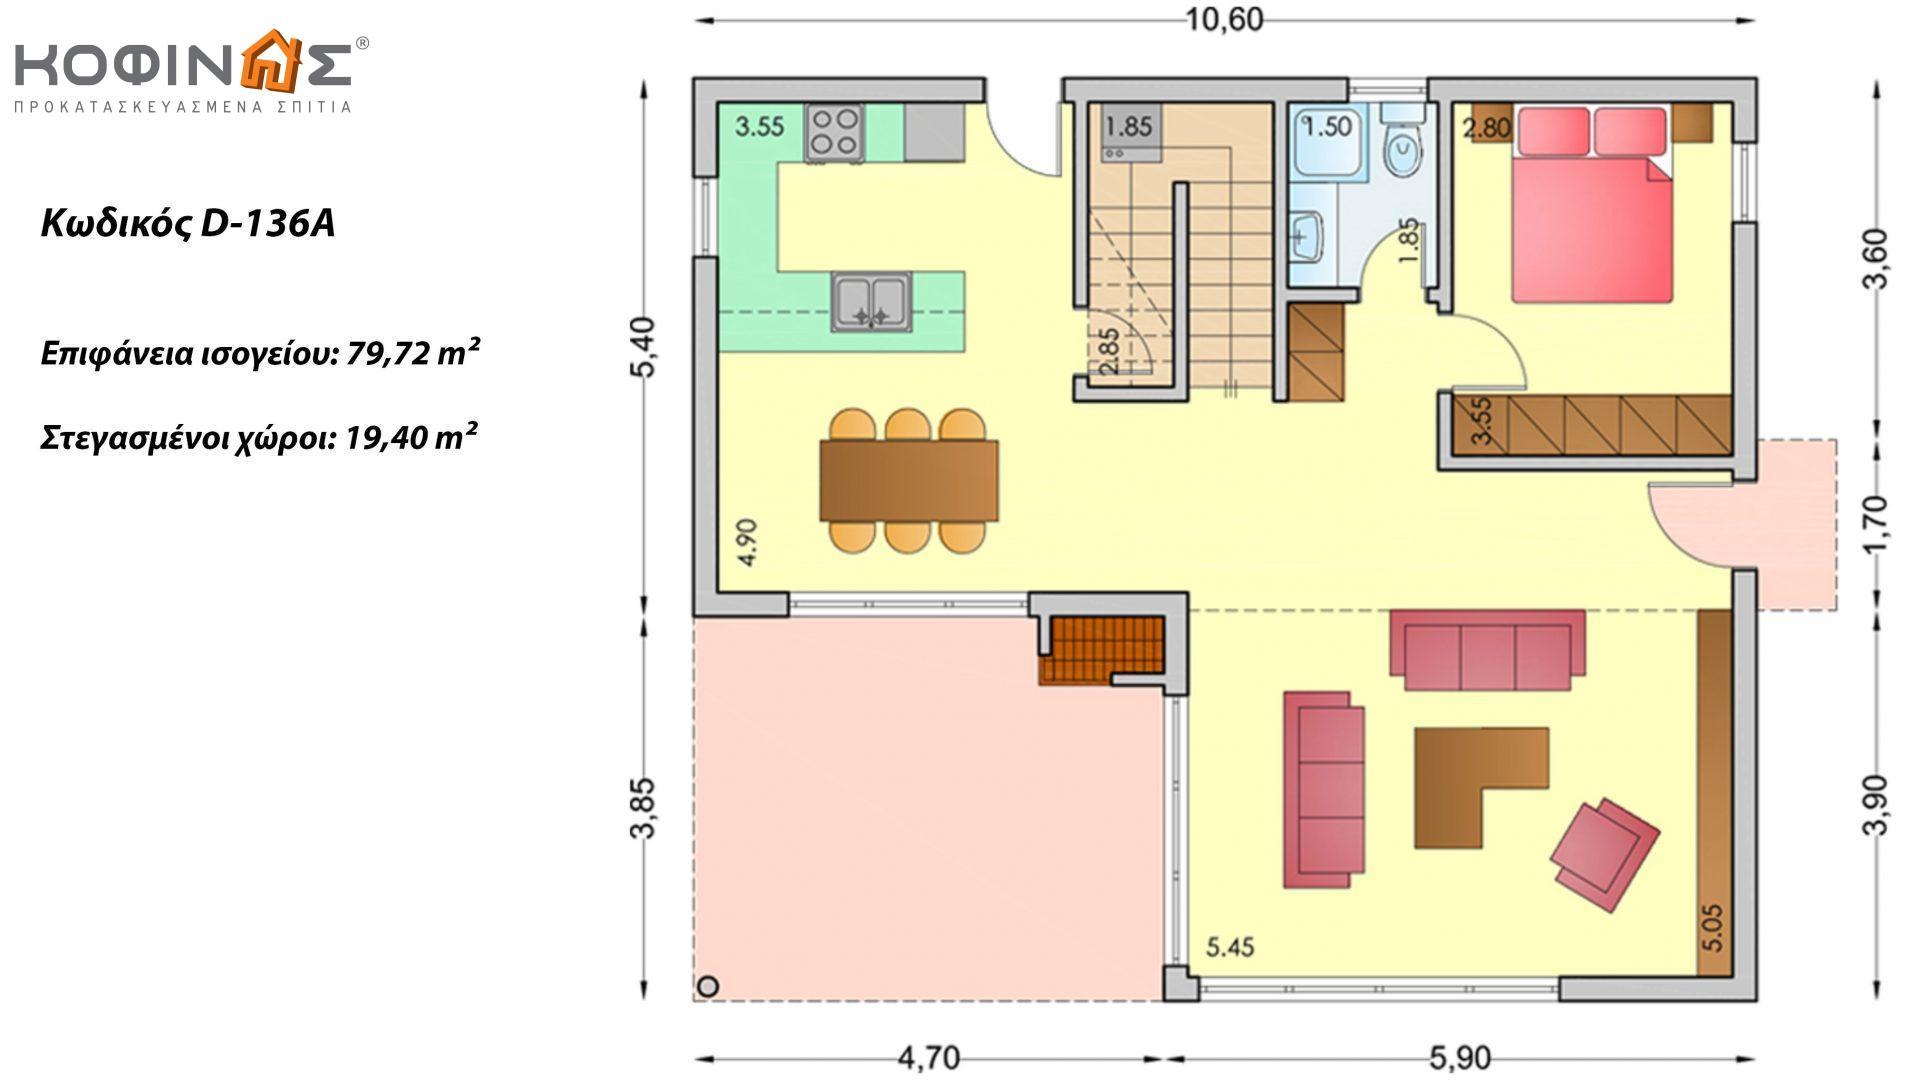 Διώροφη Κατοικία D-136a, συνολικής επιφάνειας 136,72 τ.μ., συνολική επιφάνεια στεγασμένων χώρων 19.40 τ.μ.